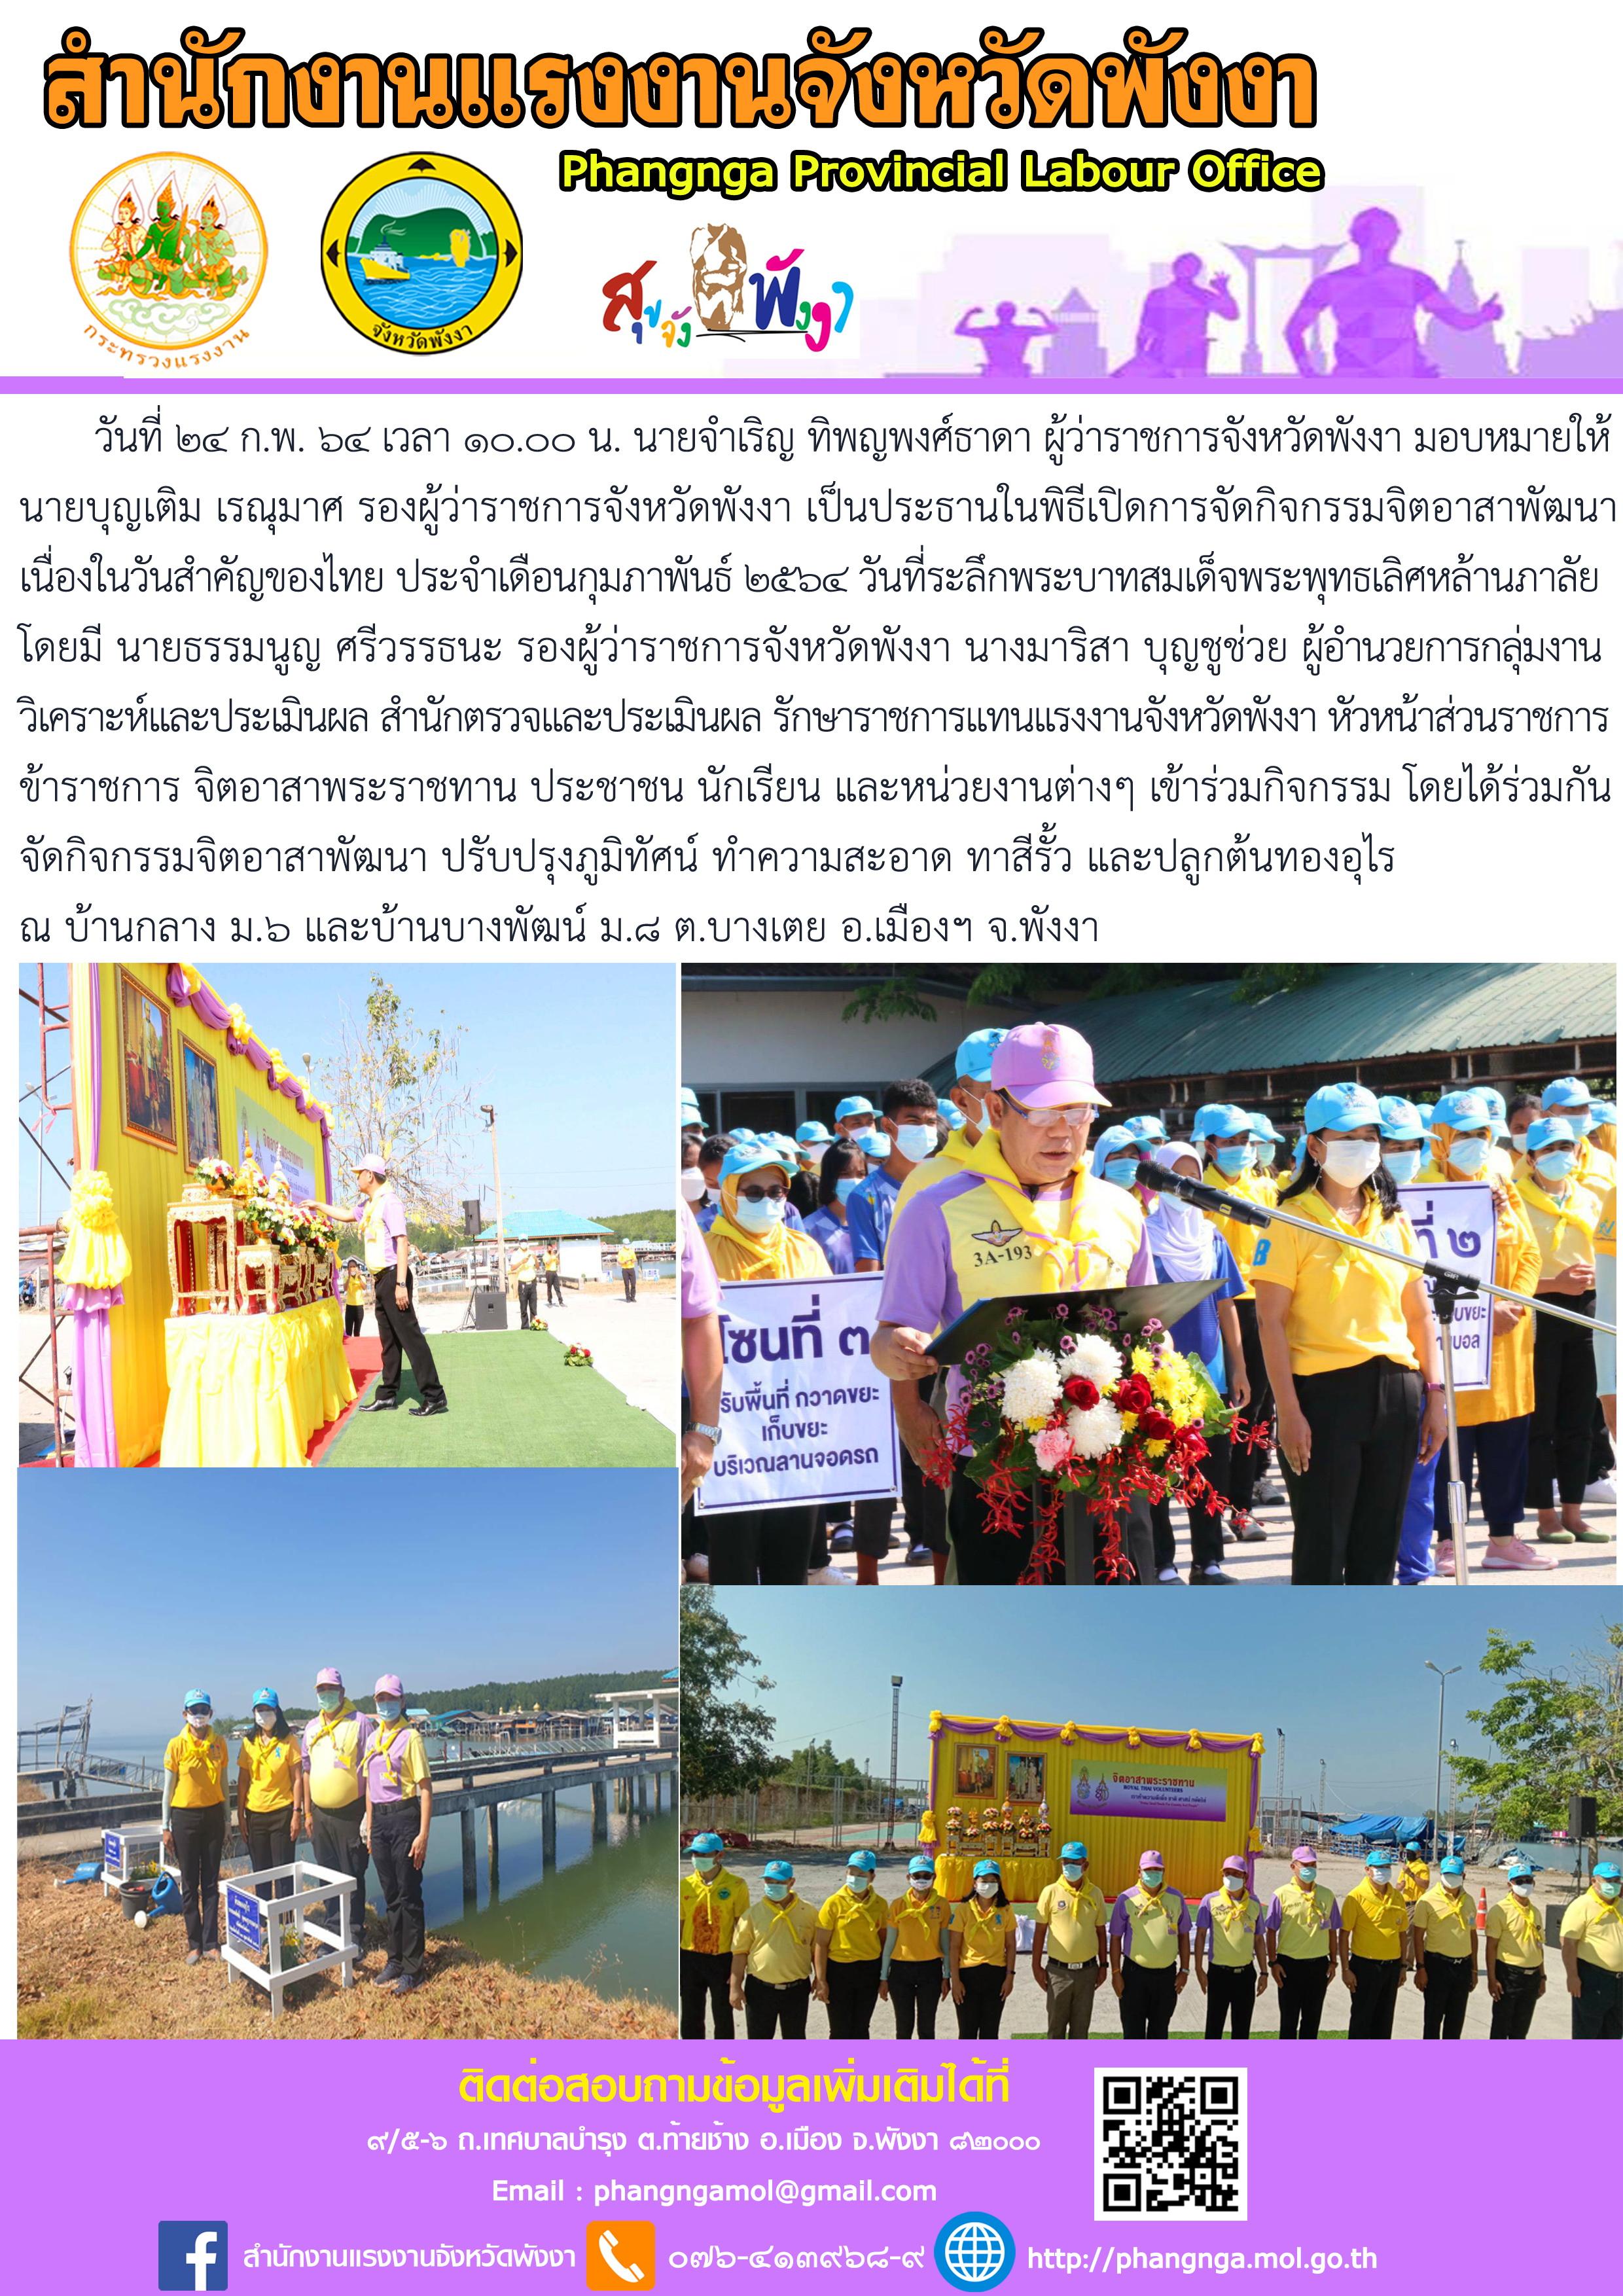 กิจกรรมจิตอาสาพัฒนา เนื่องในวันสำคัญของไทย ประจำเดือนกุมภาพันธ์ 2564